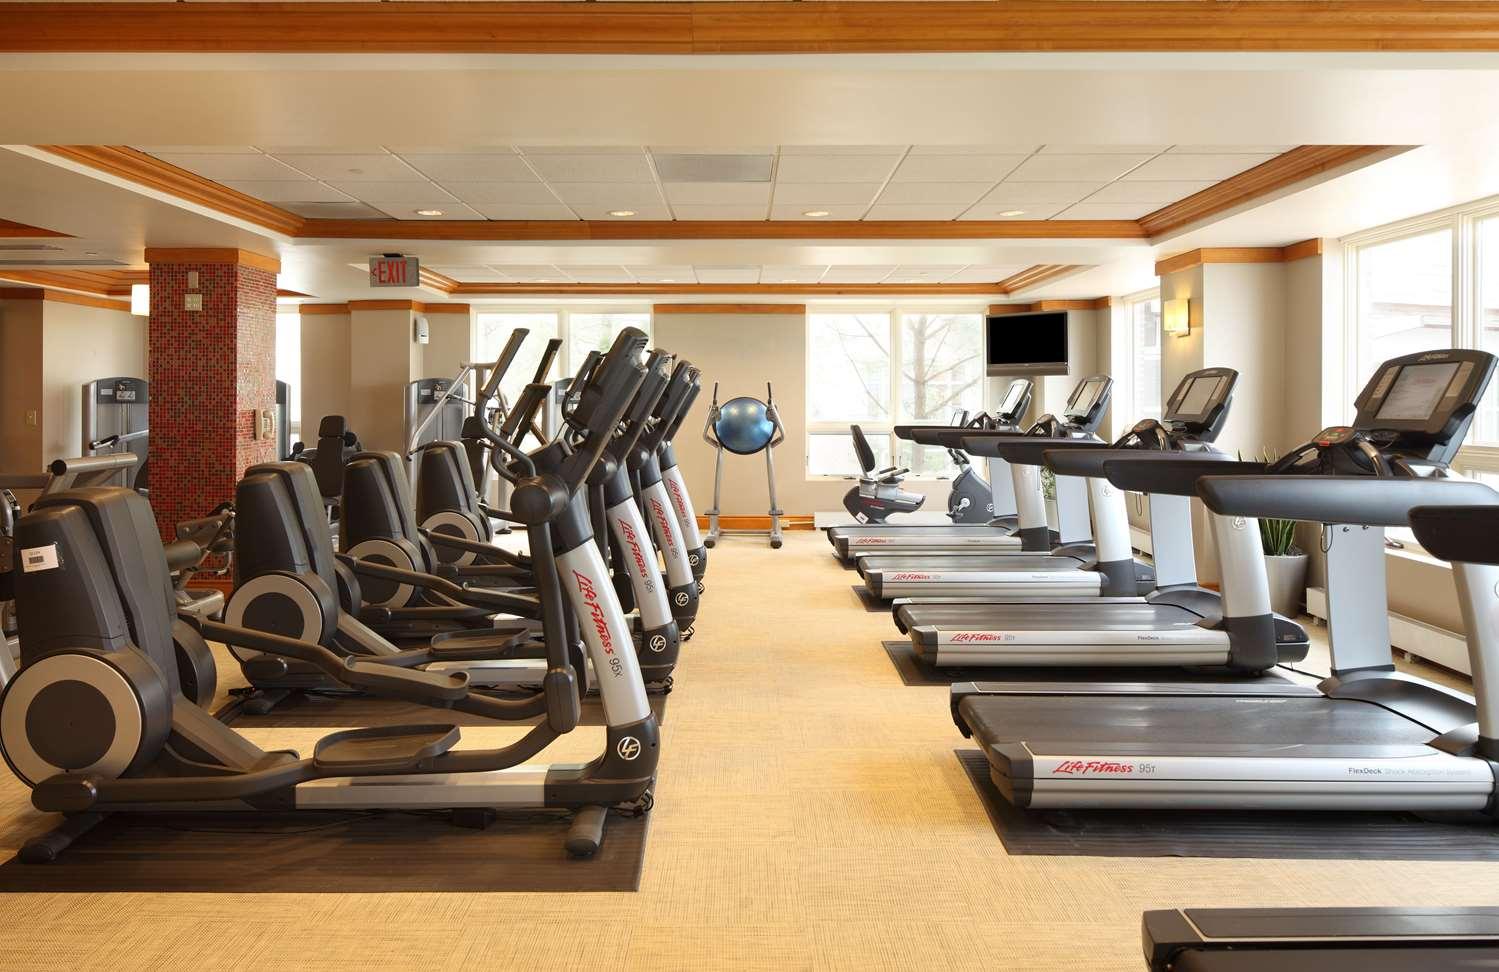 Fitness/ Exercise Room - Hyatt Regency Chesapeake Bay Resort Cambridge